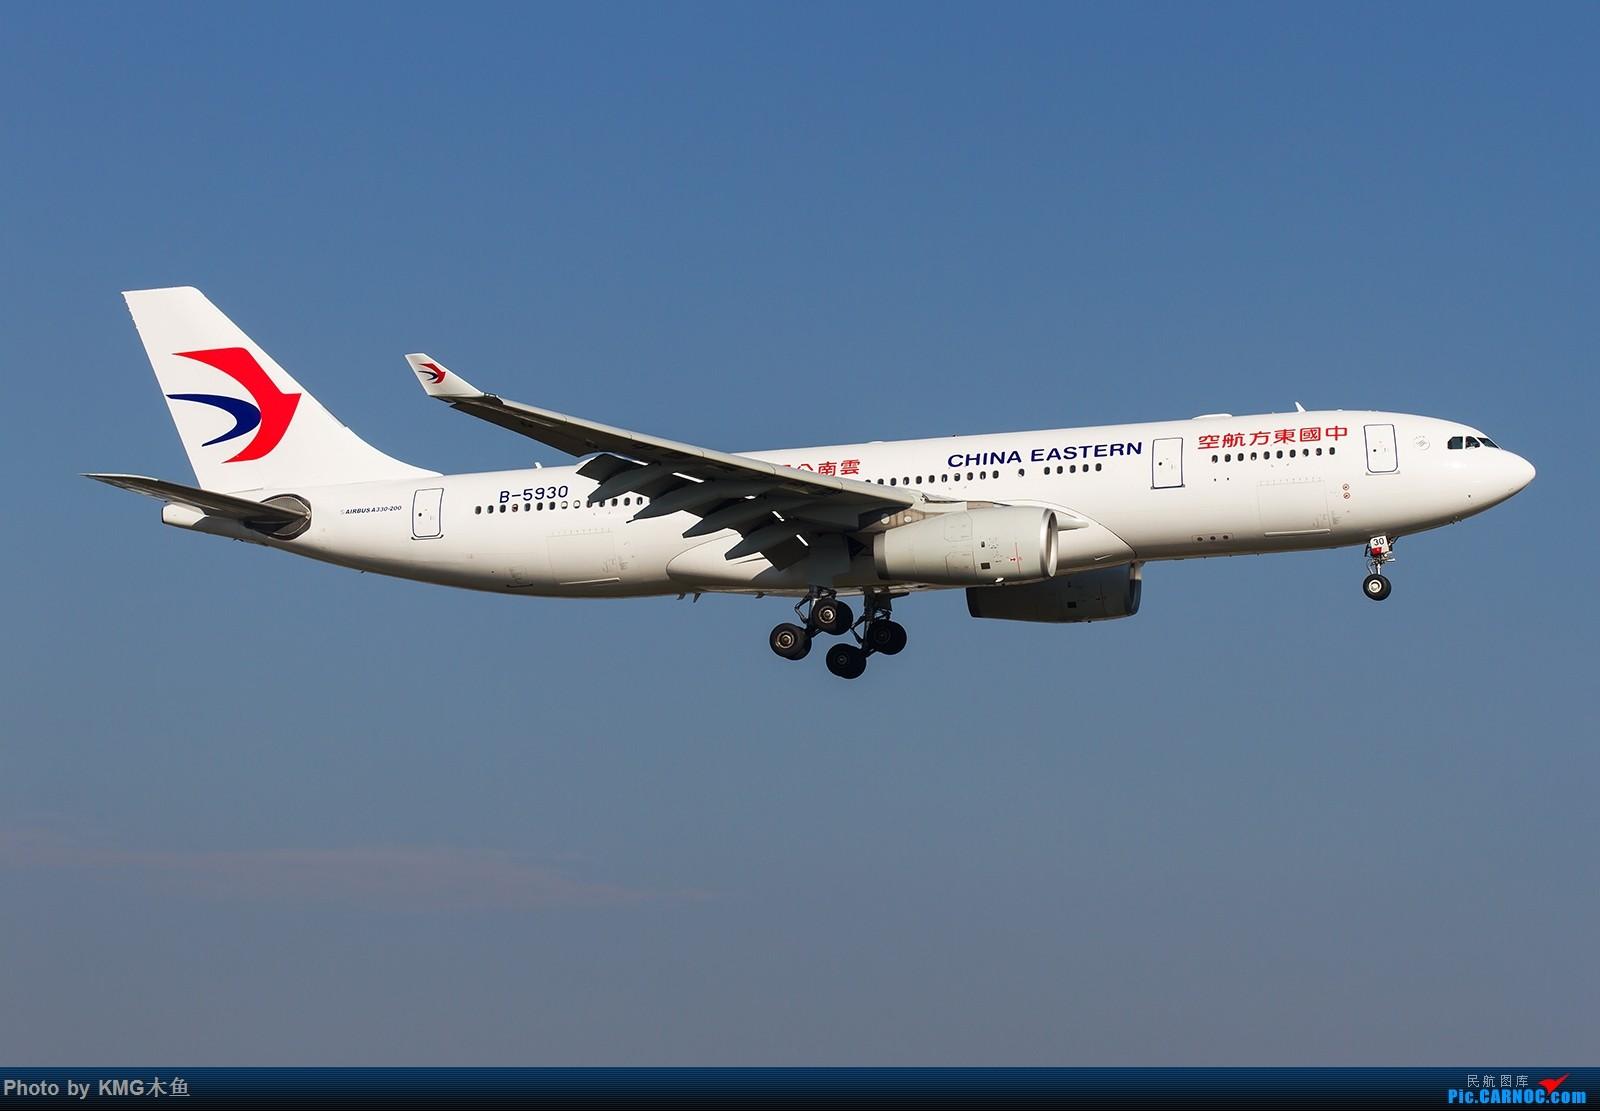 Re:[原创]【昆明长水国际机场】KMG木鱼尝试1600大图6张 AIRBUS A330-200 B-5930 中国昆明长水国际机场